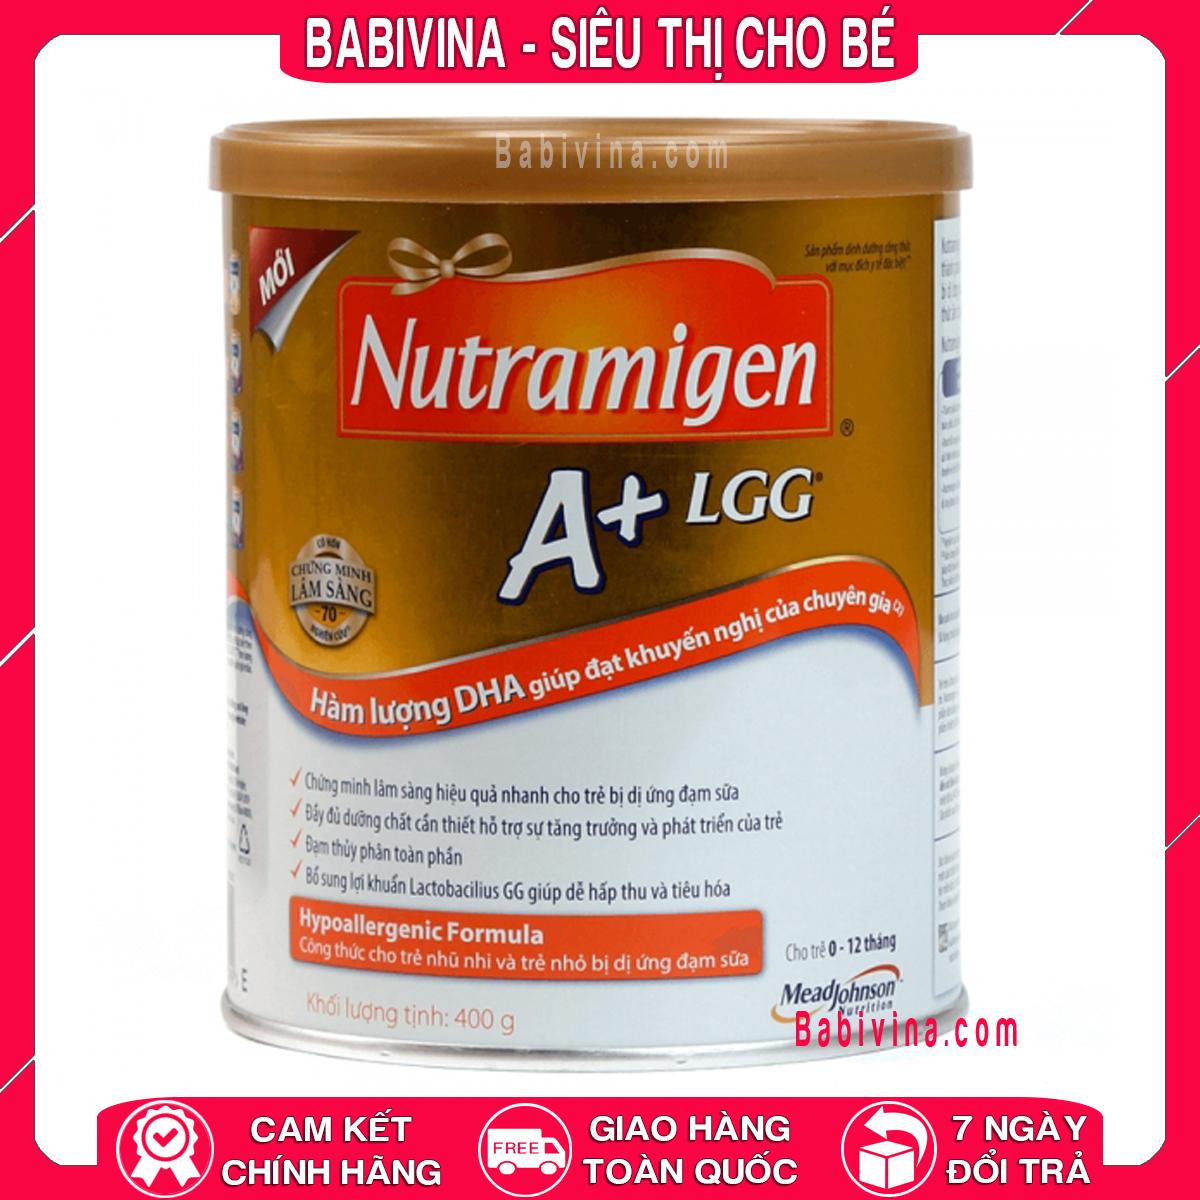 [LẺ GIÁ SỈ] Sữa Enfa Nutramigen A+LGG 400g